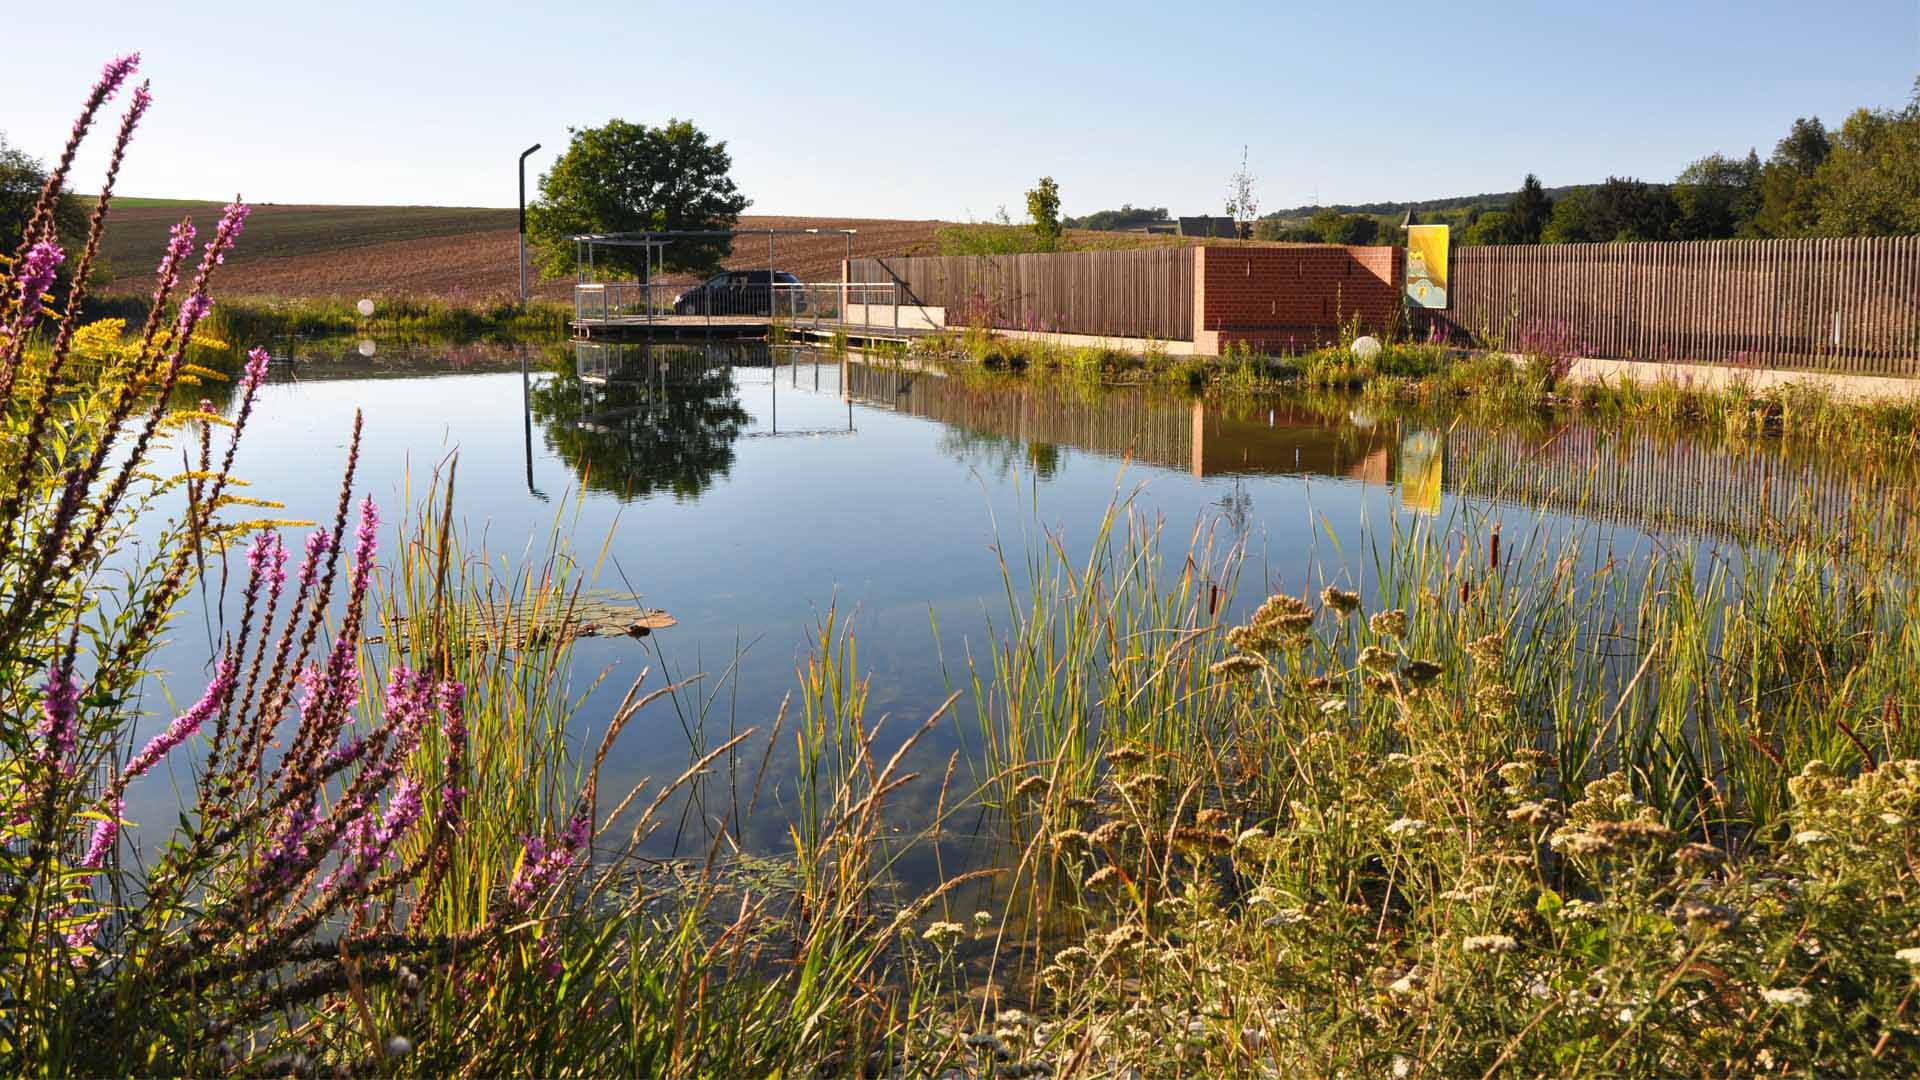 landschaftsplanung gartengestaltung biotop terrasse weidendom